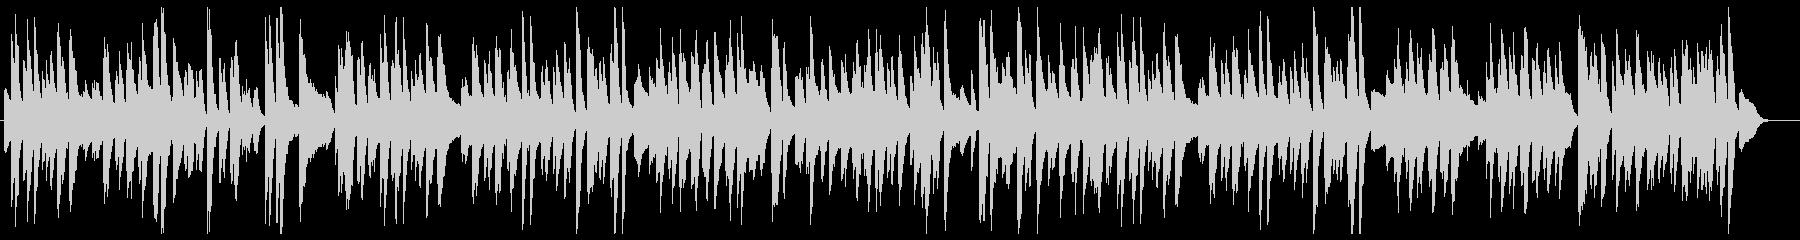 明るく爽やかなジャズピアノ・ソロの未再生の波形